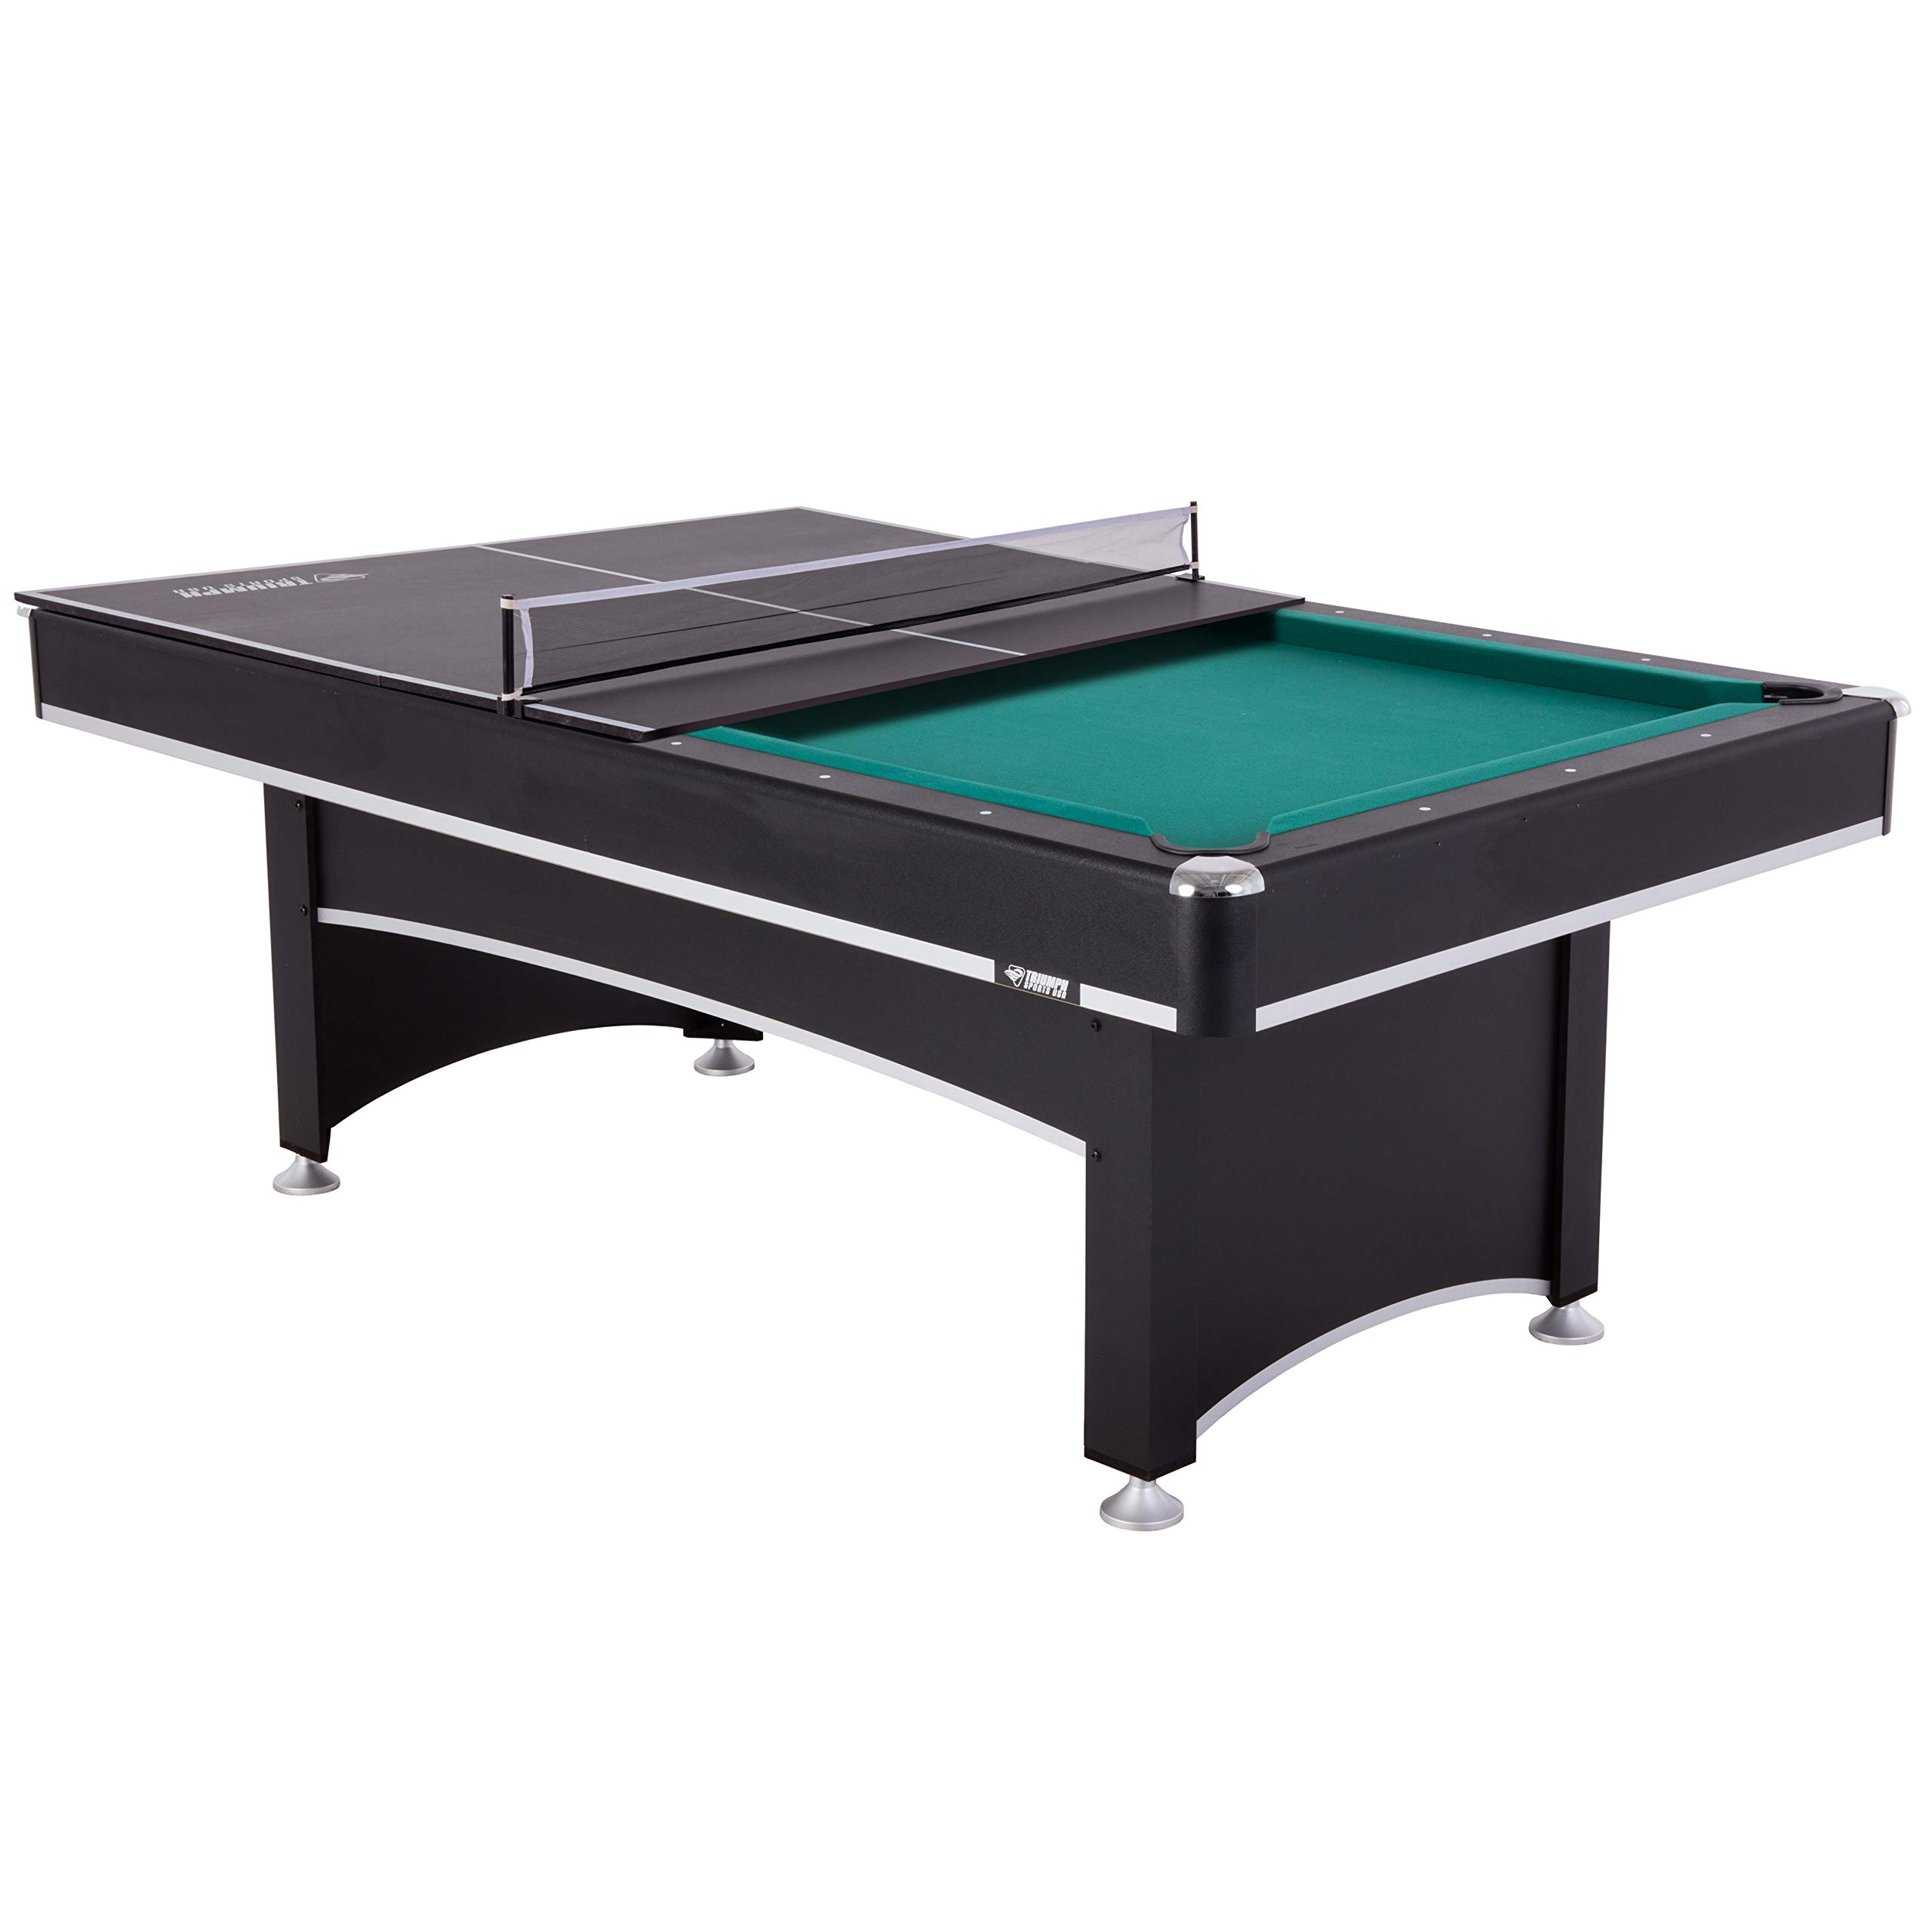 Triunfo deportes Phoenix 7 mesa de billar con parte superior de conversión de tenis de mesa: Amazon.es: Deportes y aire libre